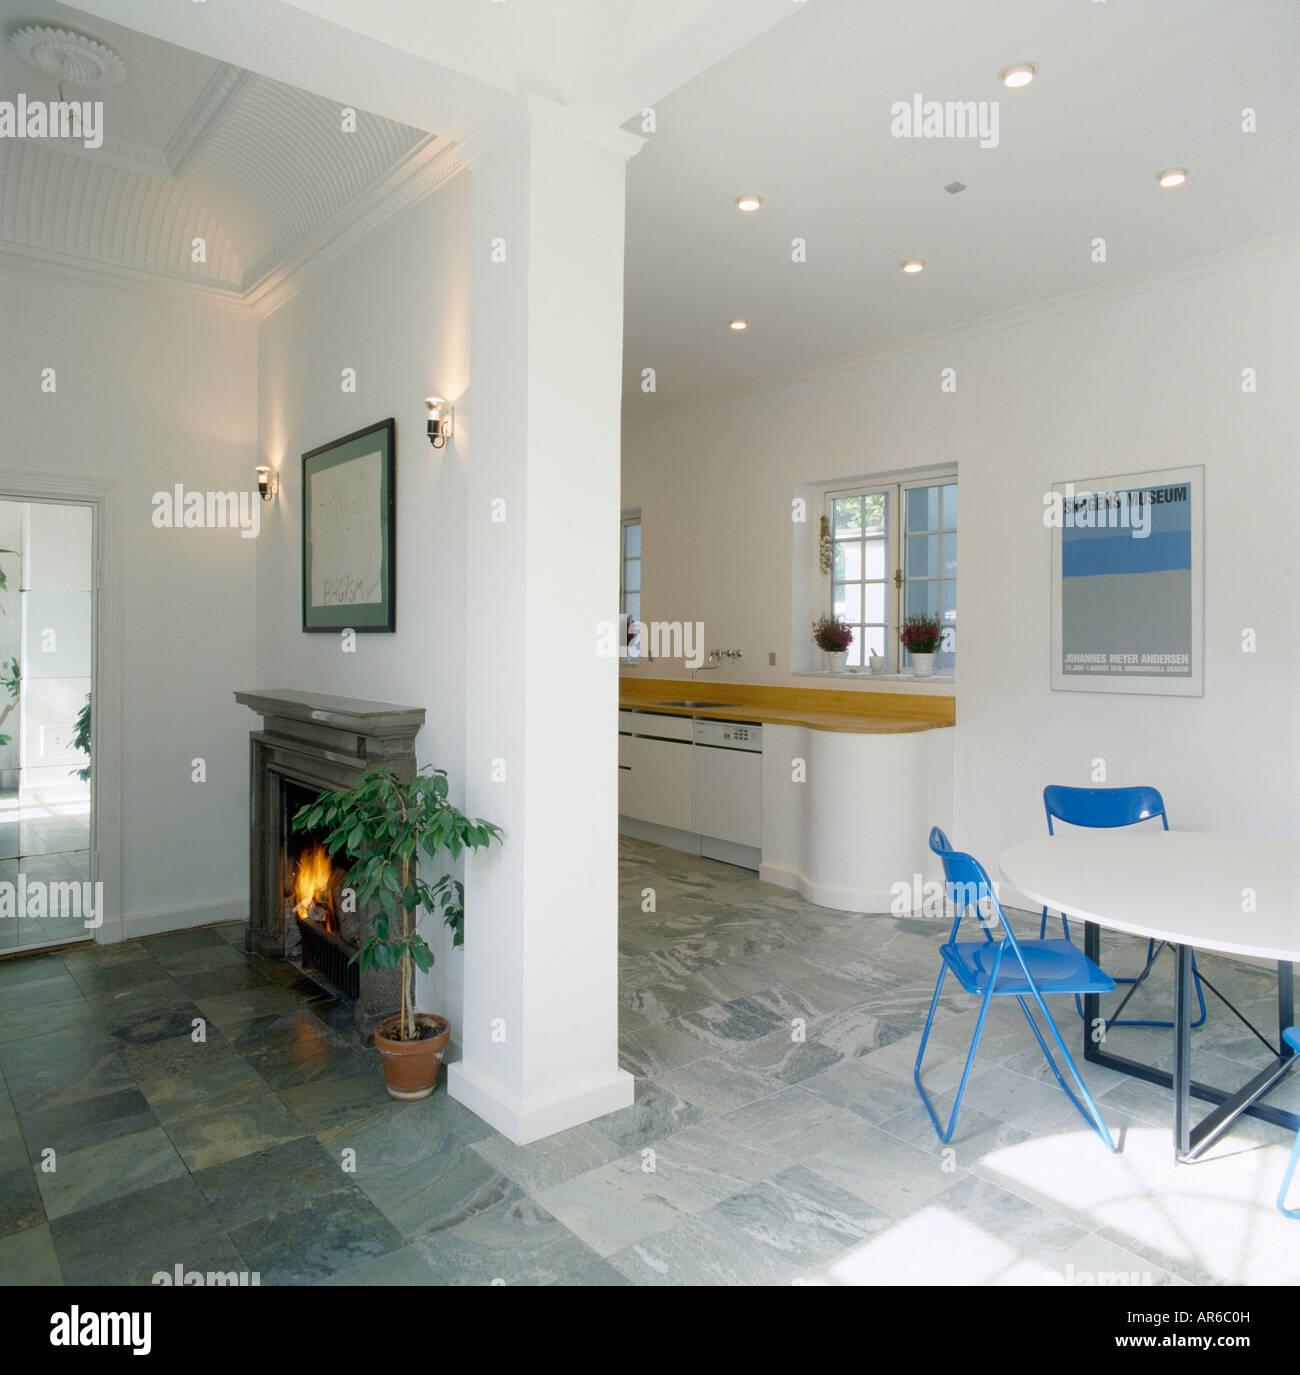 Kamin Auf Trennwand Offene Küche Dining Room Mit Grauen Fliesen Und Blaue  Stühle Mit Weißen Tisch